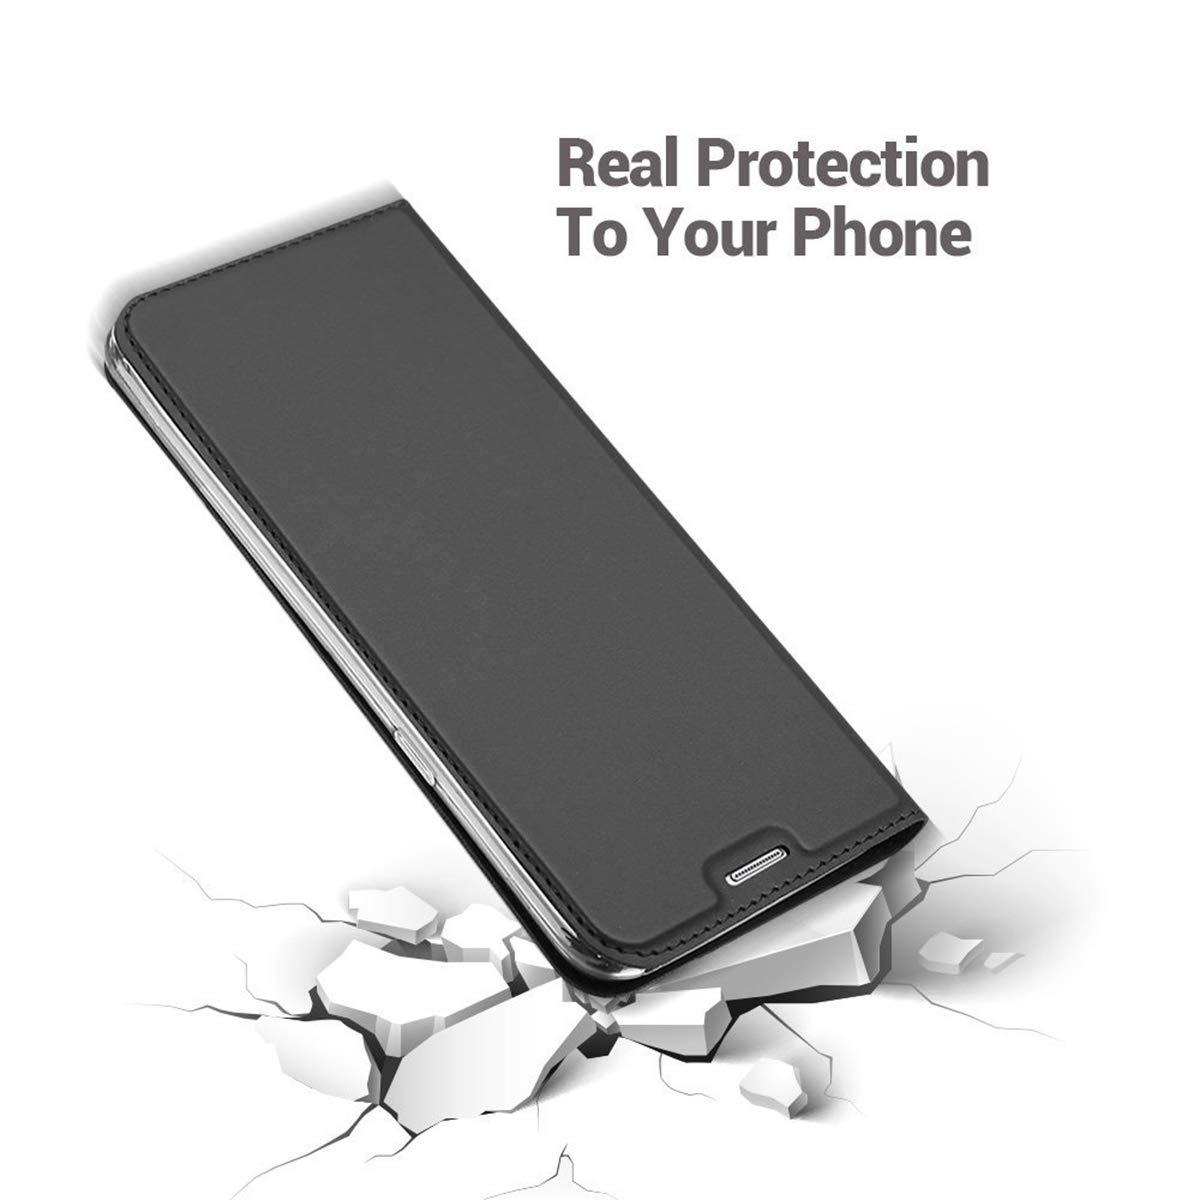 pour Huawei P Smart 2018,Ultra Mince en Cuir PU Premium Housse /à Rabat Portefeuille avec Aimant Folio pour Huawei P Smart 2018,Gris Noir Verre Tremp/é Penlicraft Coque pour Huawei P Smart 2018,